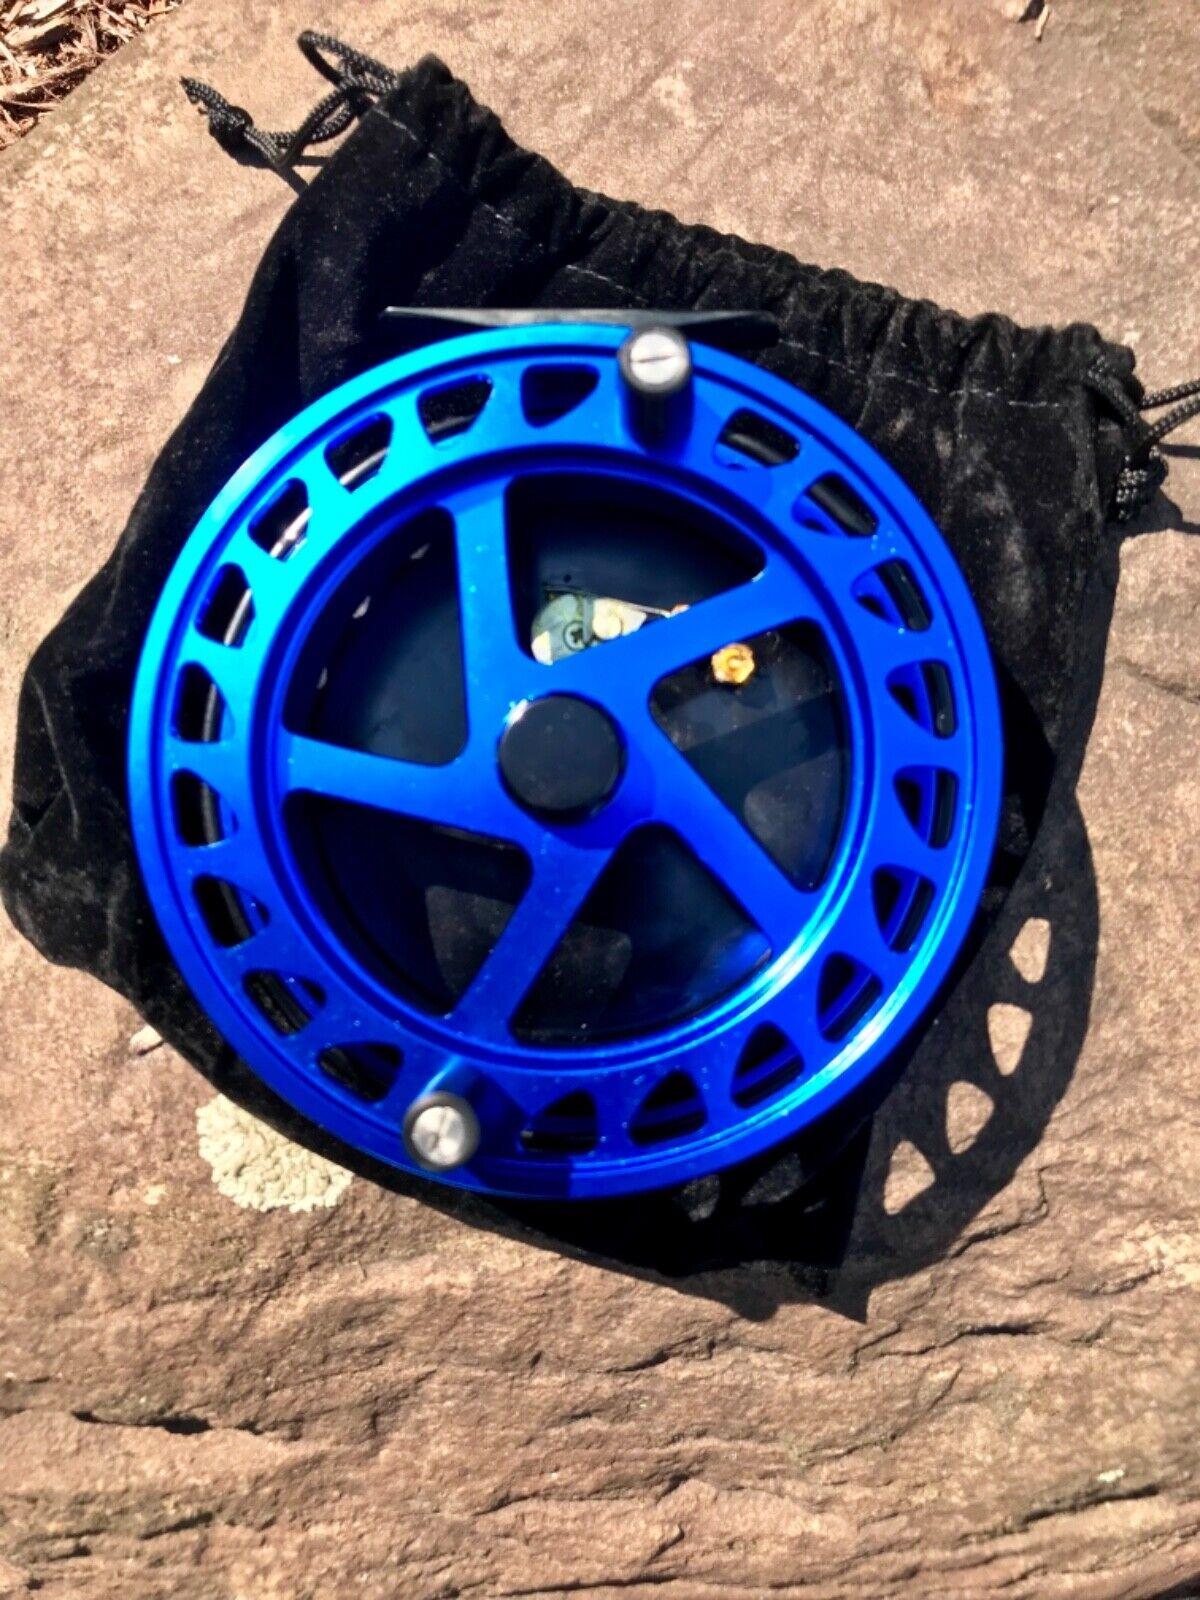 Raven Helix XL Centerpin flotar Cocherete, 5 , Azul Negro